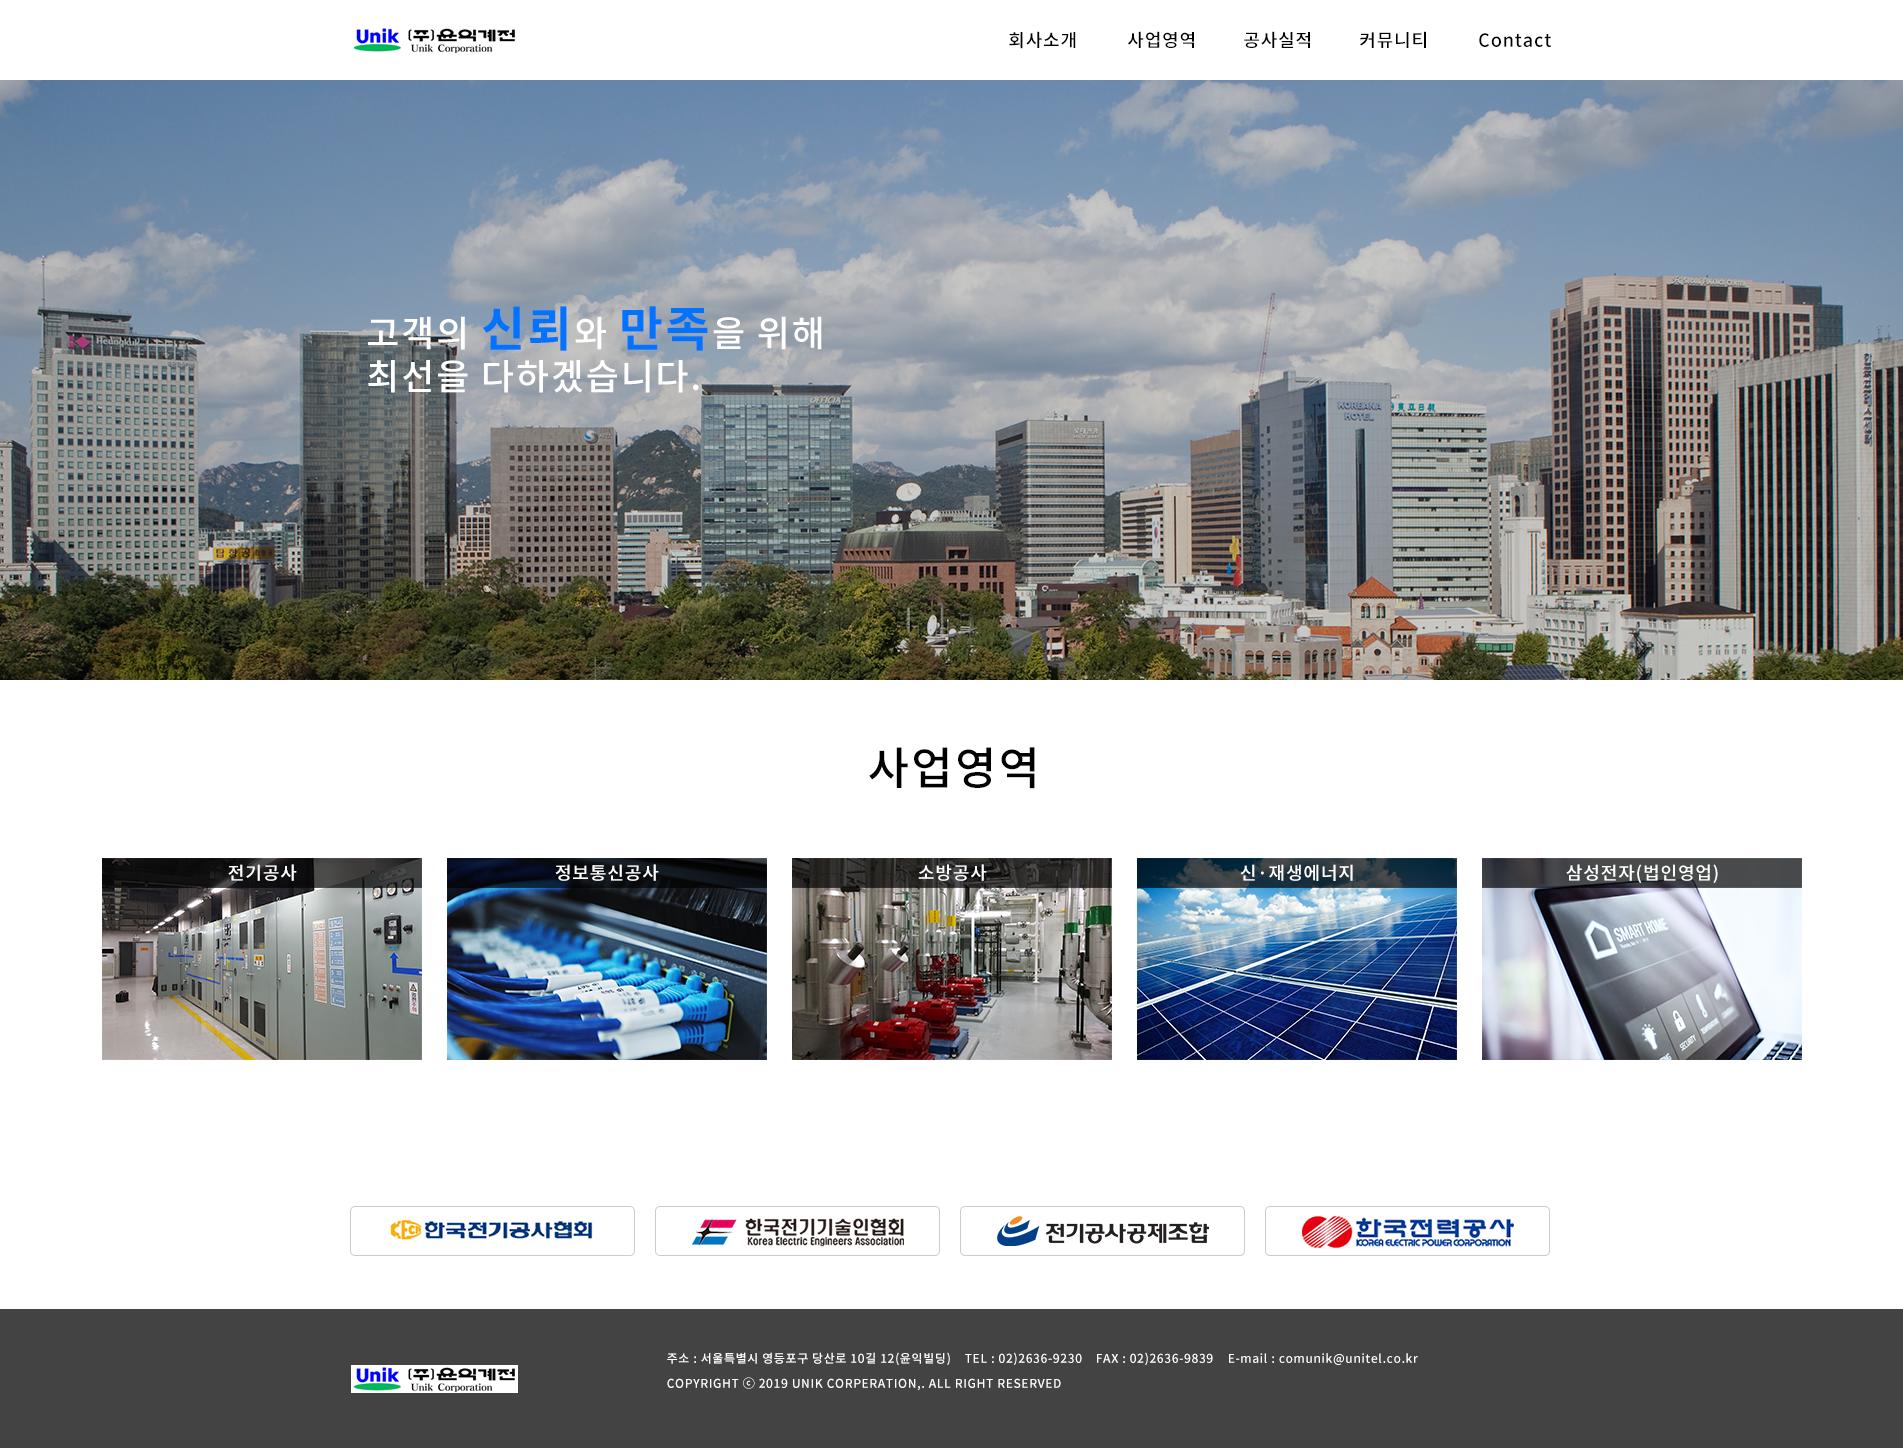 [반응형 회사홈페이지] 전기 통신 소방시설 공사 전문회사 주식회사 윤익계전